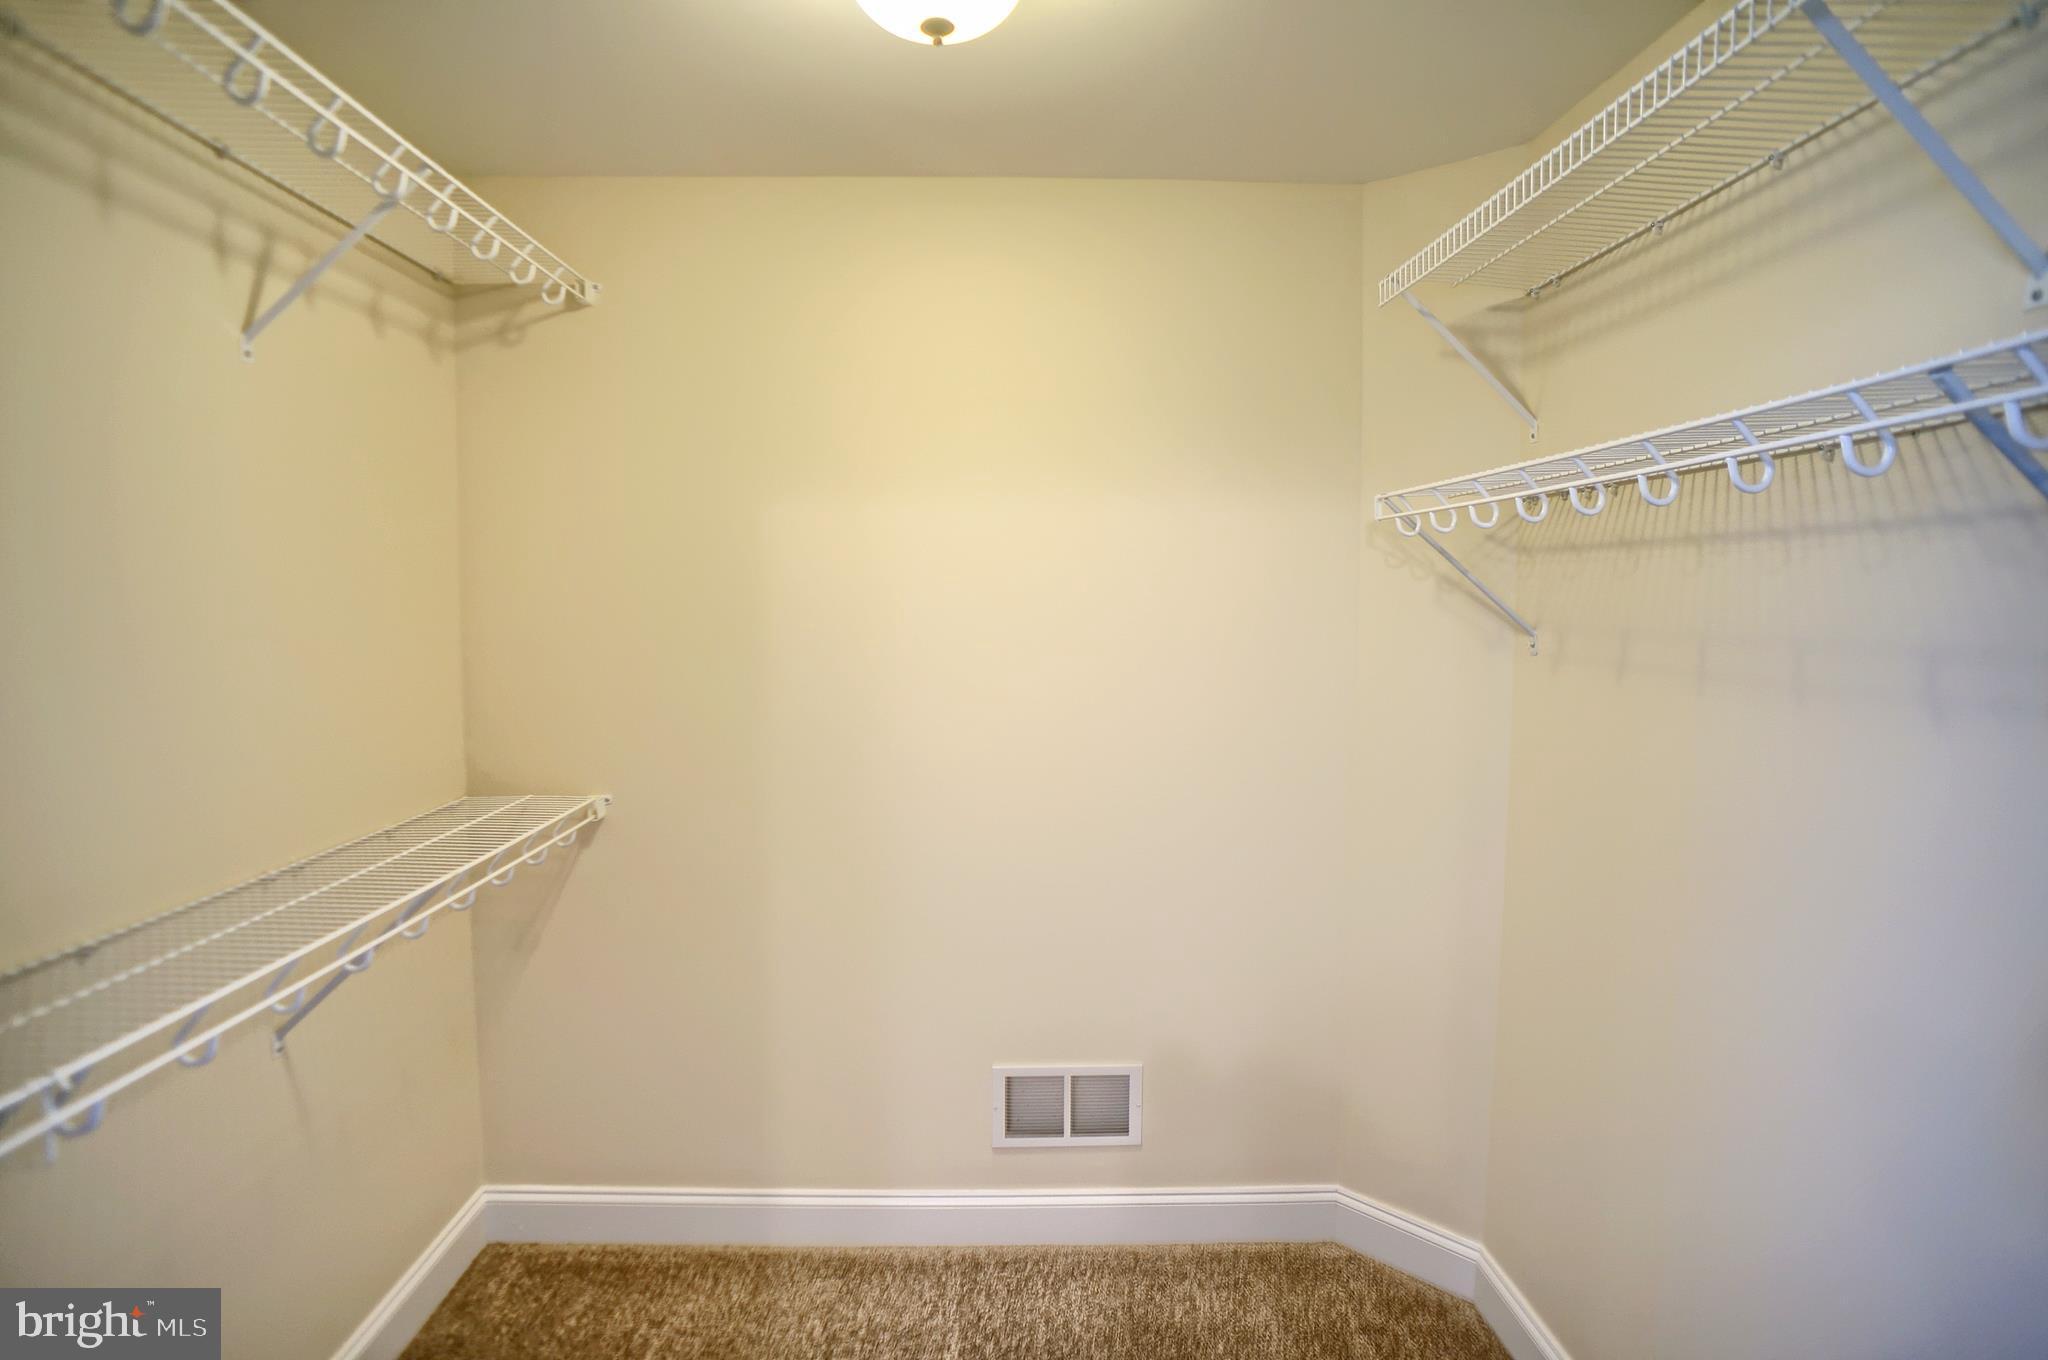 Master bedroom - 2nd floor walk in closet